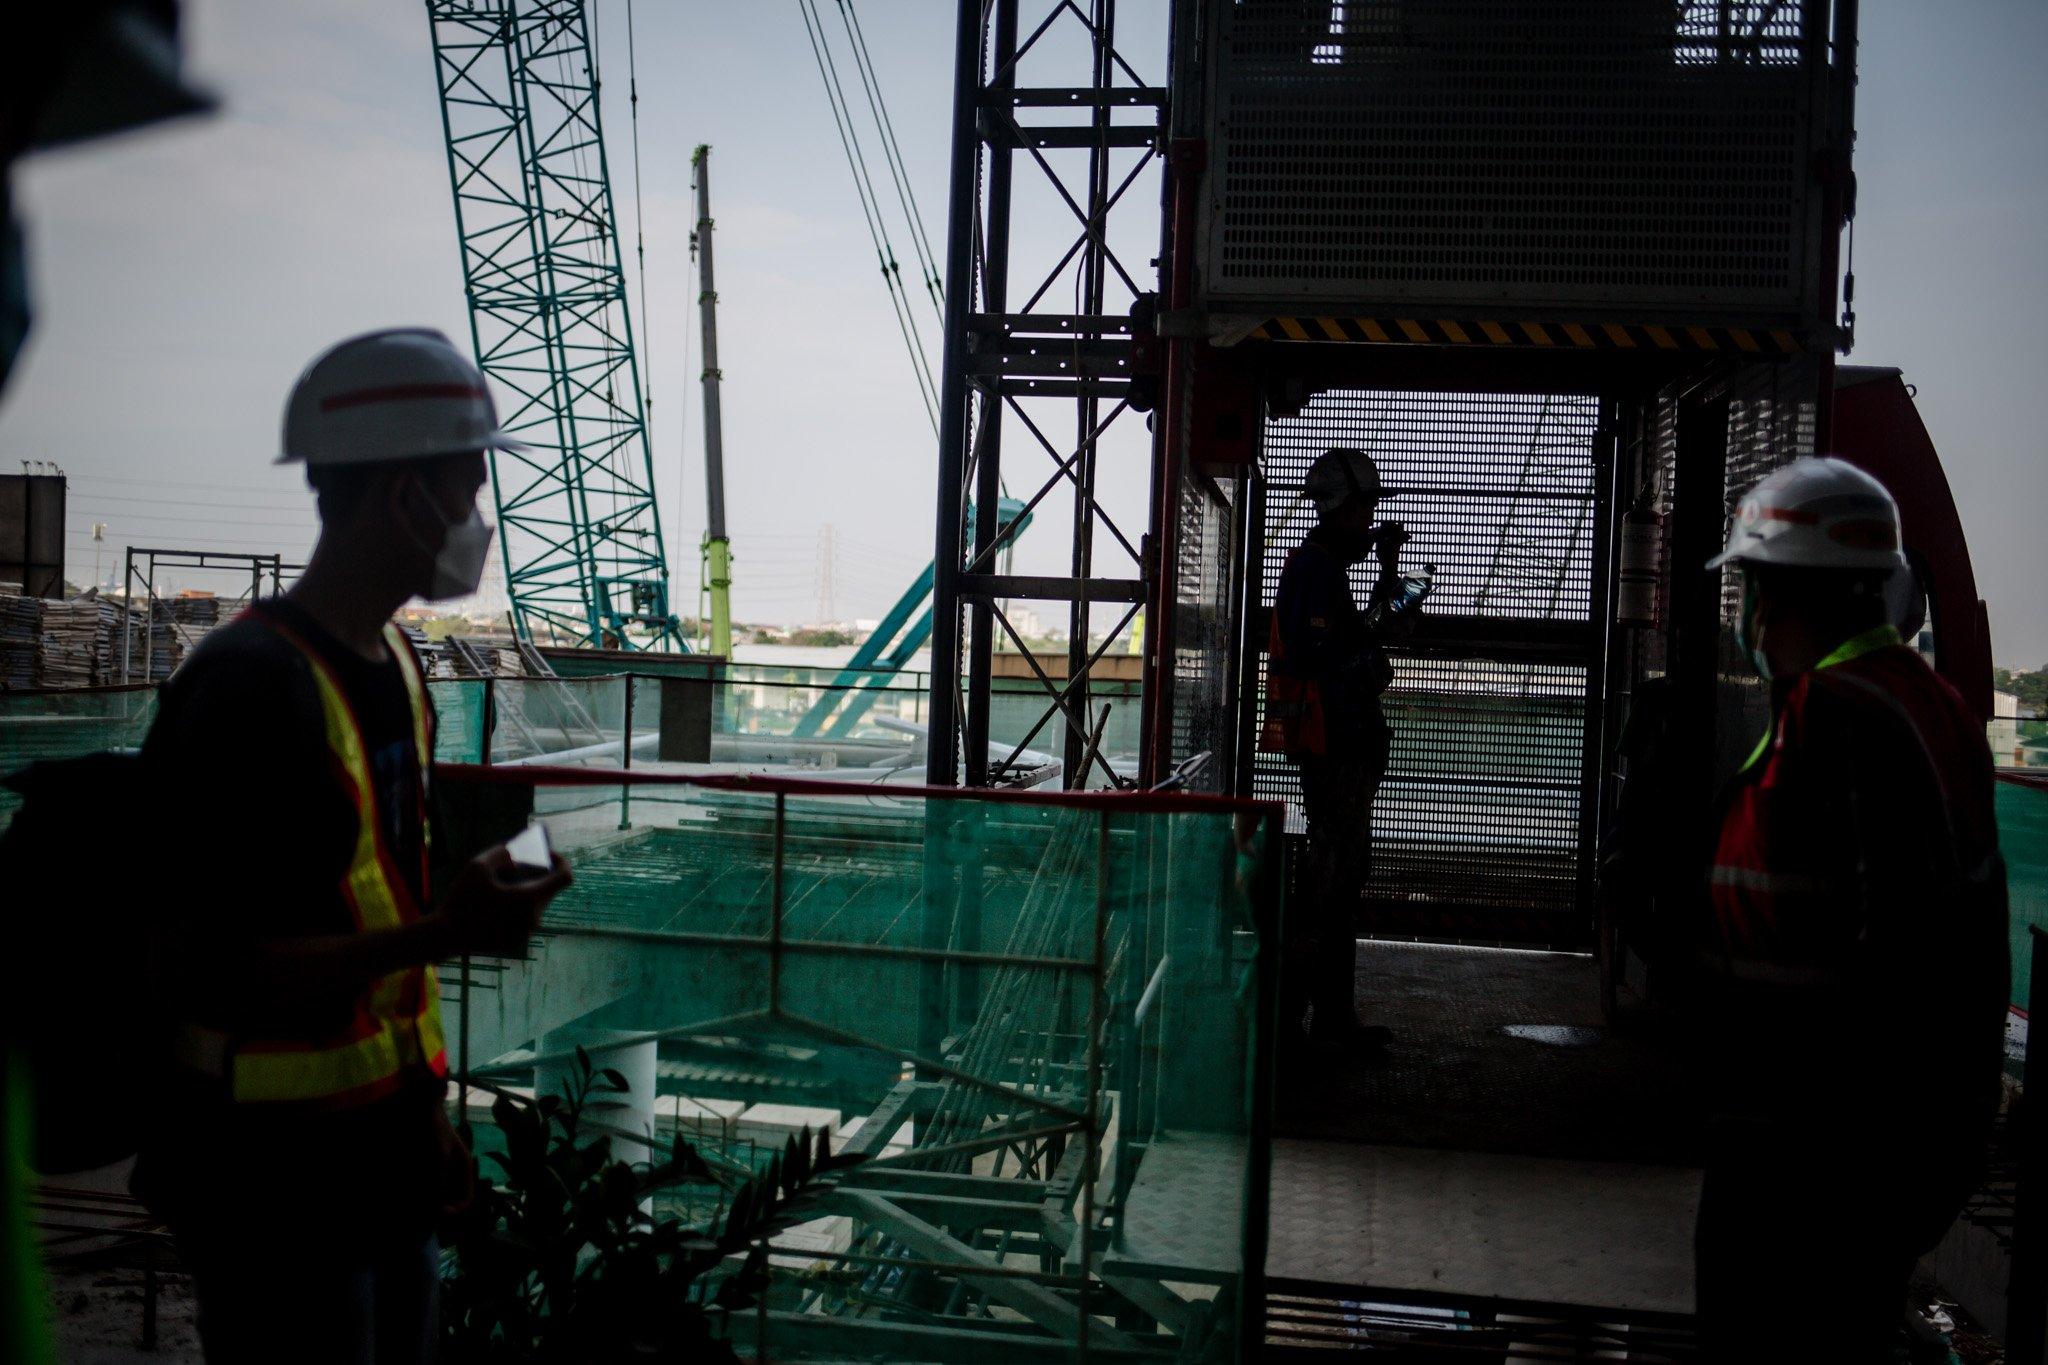 Pekerja menaiki lift saat menyelesaikan pengerjaan kontruksi Jakarta International Satdium (JIS) Tanjung Priok, jakarta utara, Selasa, (28/9/2021). Mega proyek ini ditargetkan rampung pada bulan Oktober 2021. Namun, berdasarkan informasi terakhir yang diberikan oleh Gubernur DKI Jakarta Anies Baswedan lewat akun instagram resminya, pada minggu ke sembilan puluh delapan pembangunan masih dalam tahap 73,80 persen.